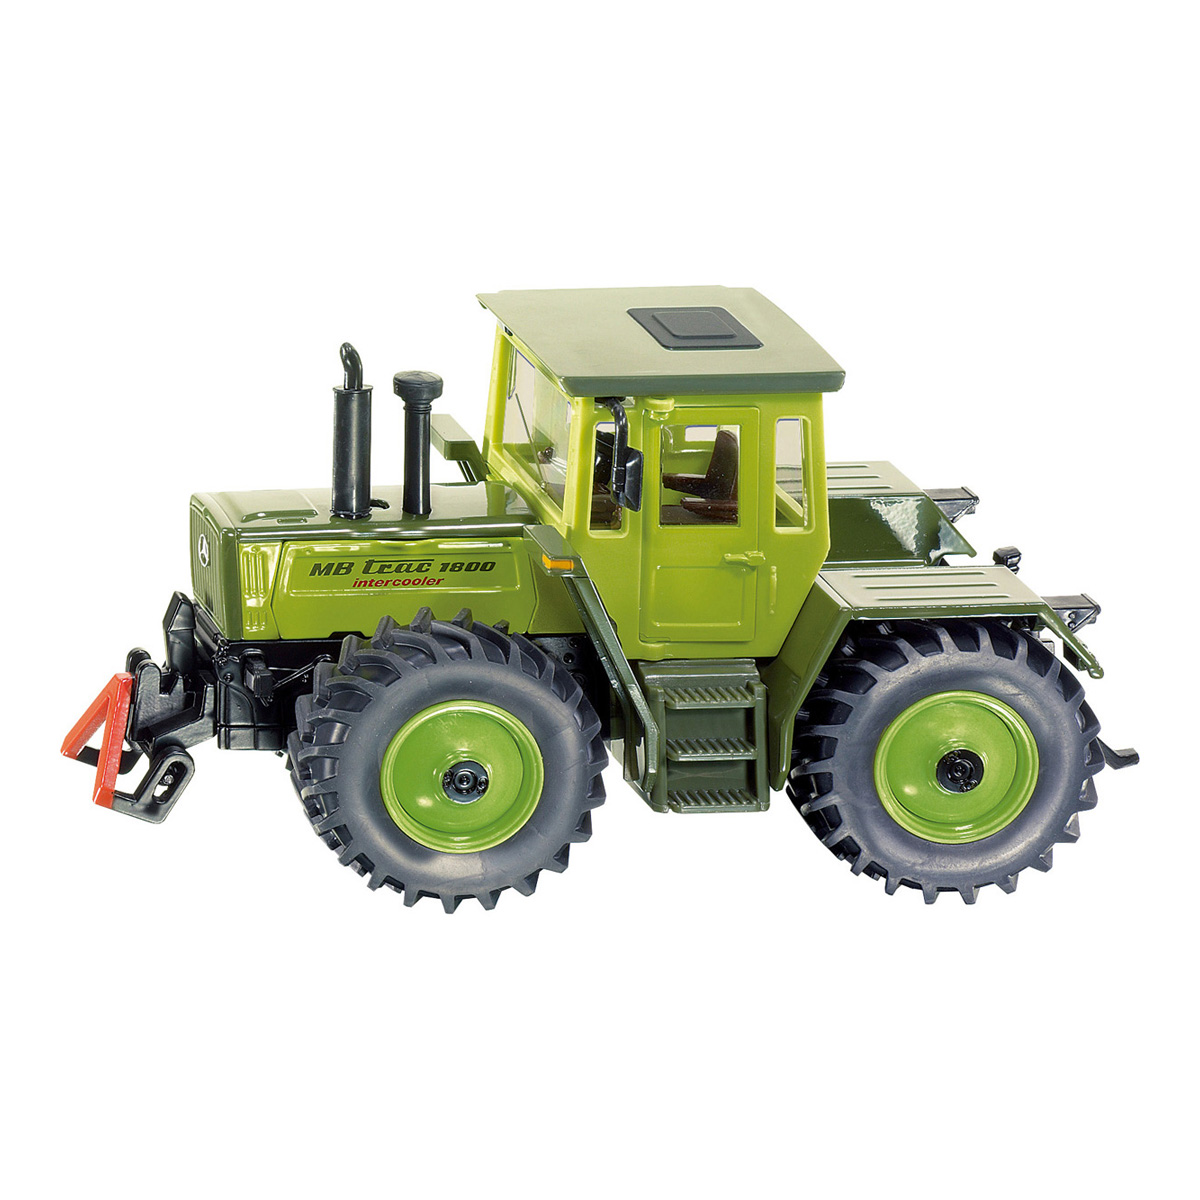 ファーマー メルセデツベンツ 1800 トラクター 1/32(ジク・SIKU)